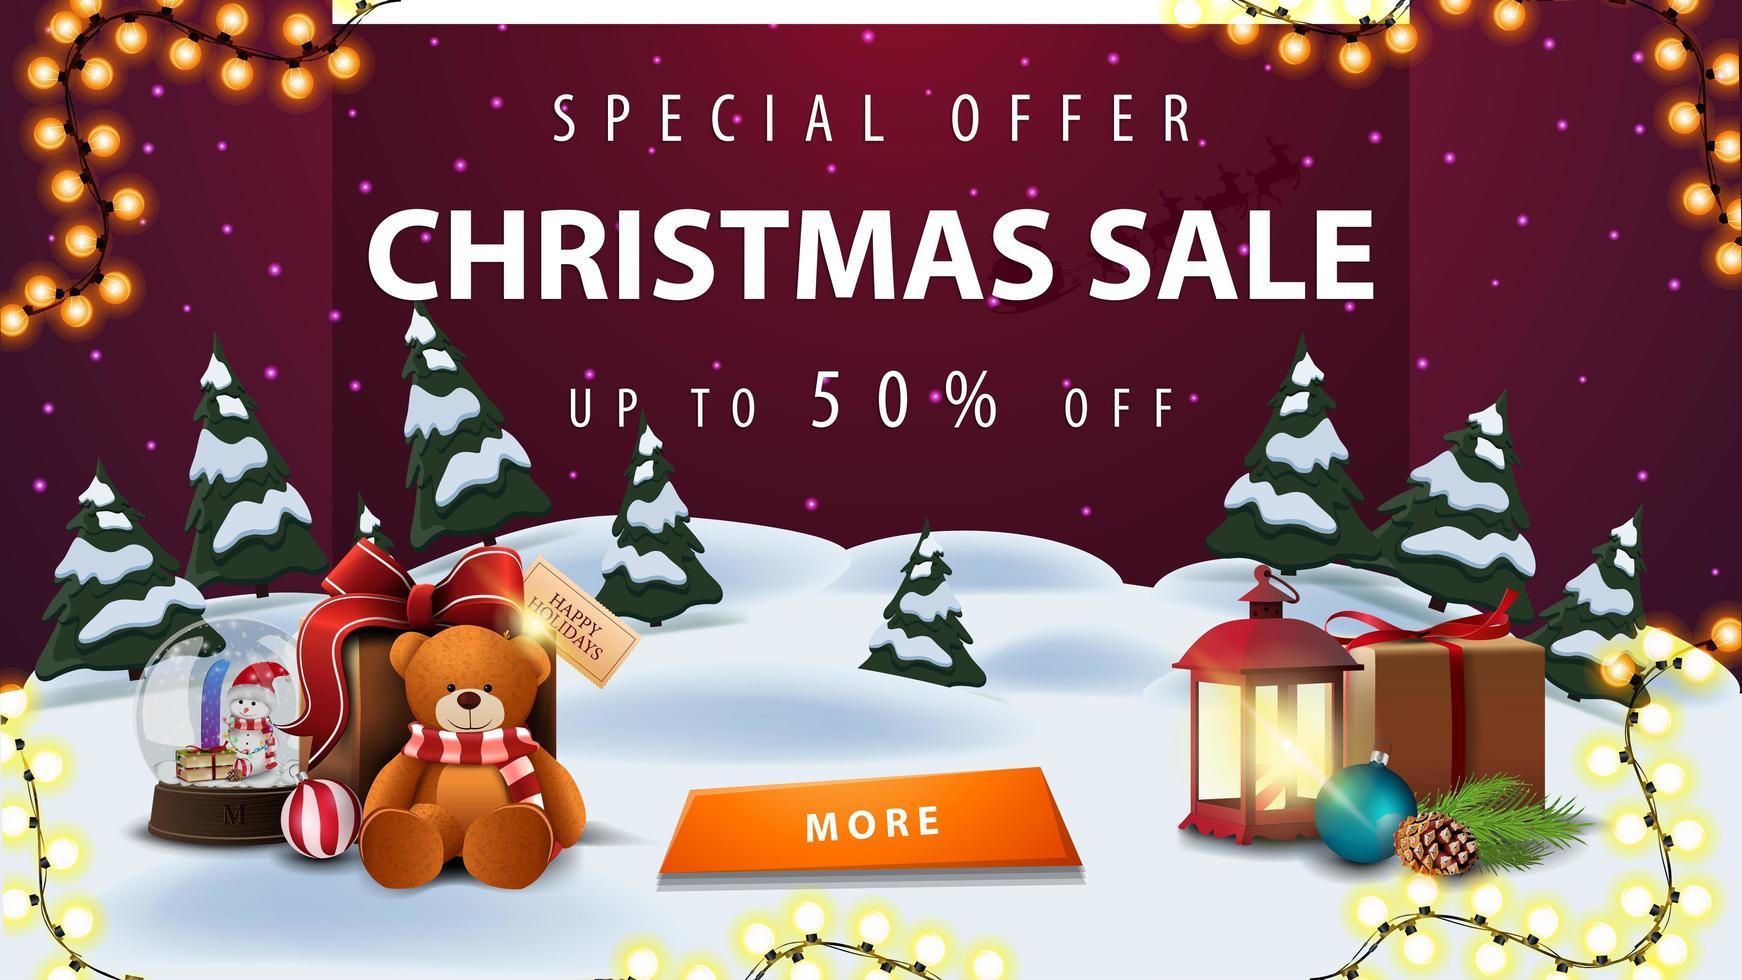 Sonderangebot, Weihnachtsverkauf, bis zu 50 Rabatt, Rabatt Banner mit Winterlandschaft, lila Sternenhimmel, Girlande, Knopf, antike Lampe, Schneekugel und Geschenk mit Teddybär vektor